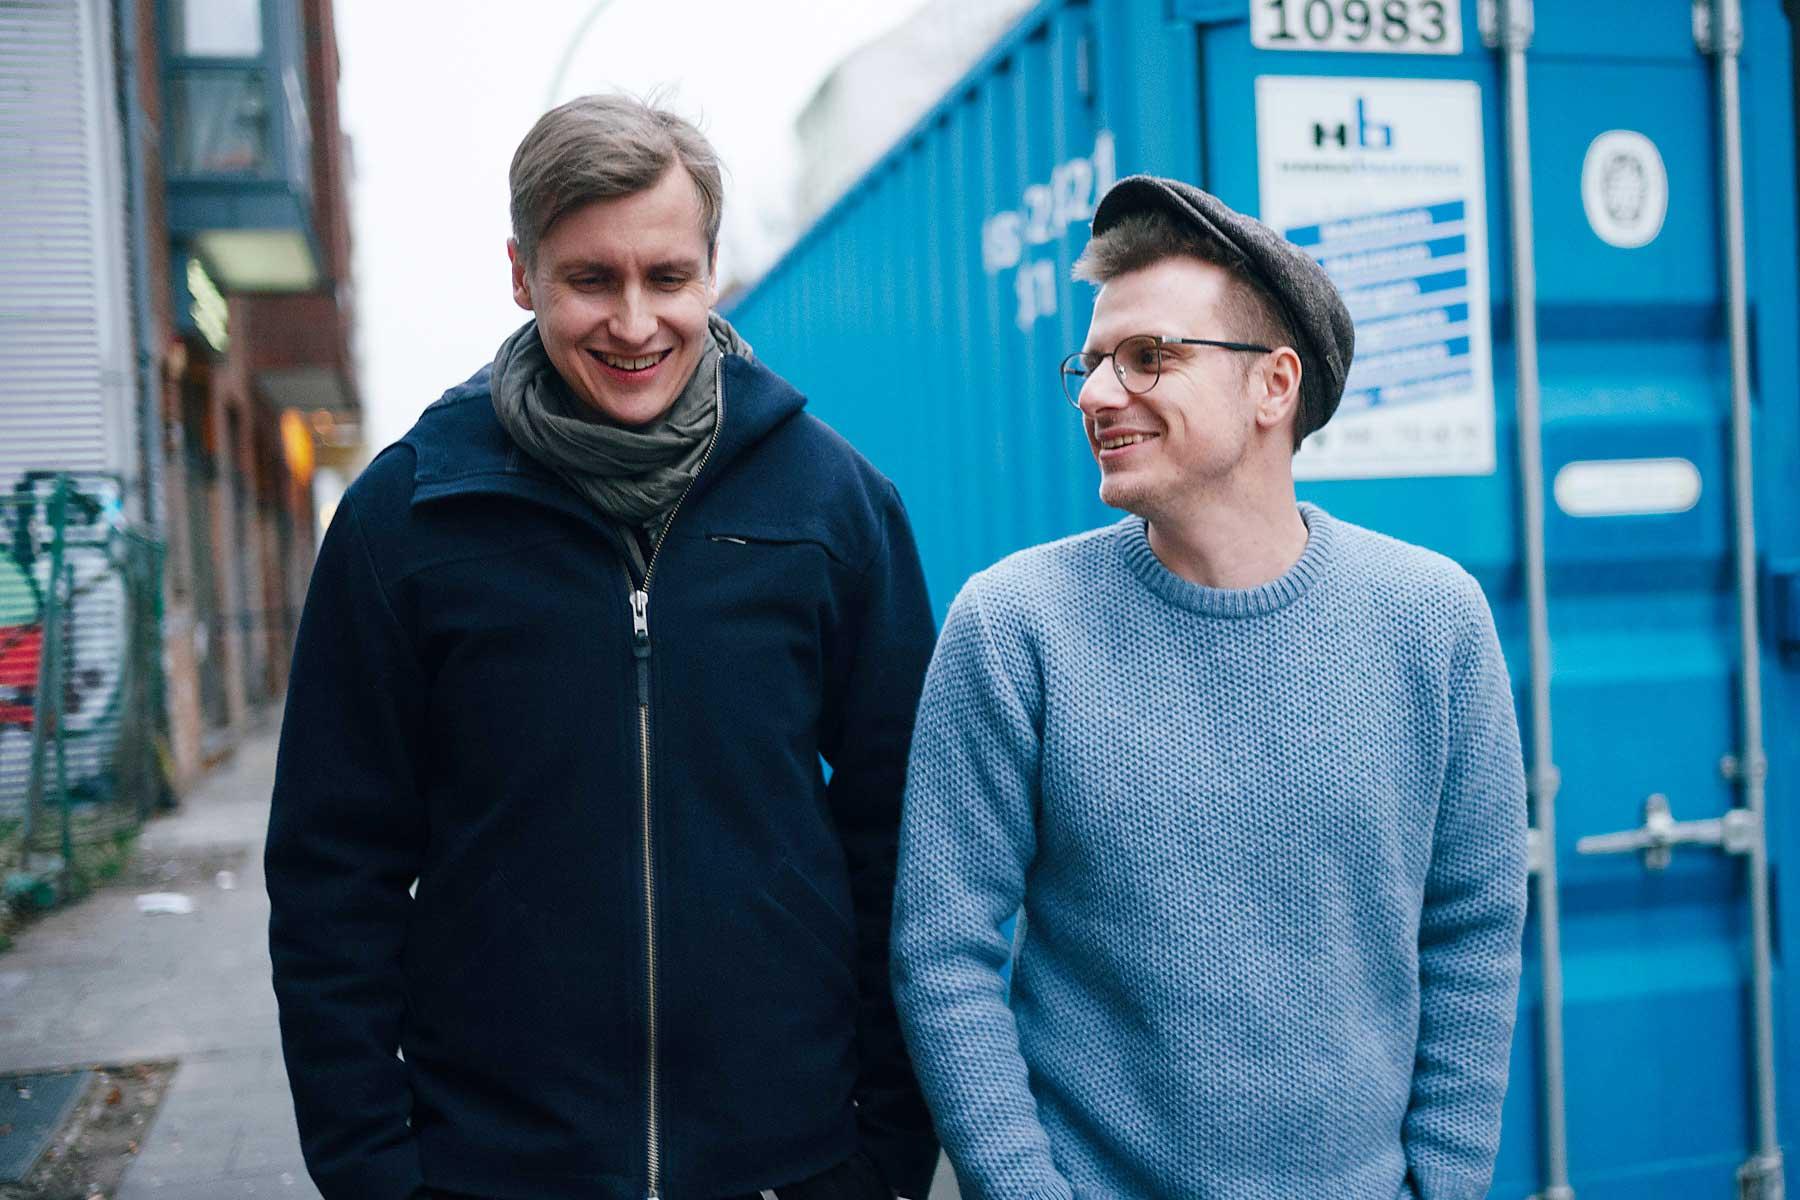 kurzweil-ICH: Interview mit Comedian Moritz Neumeier